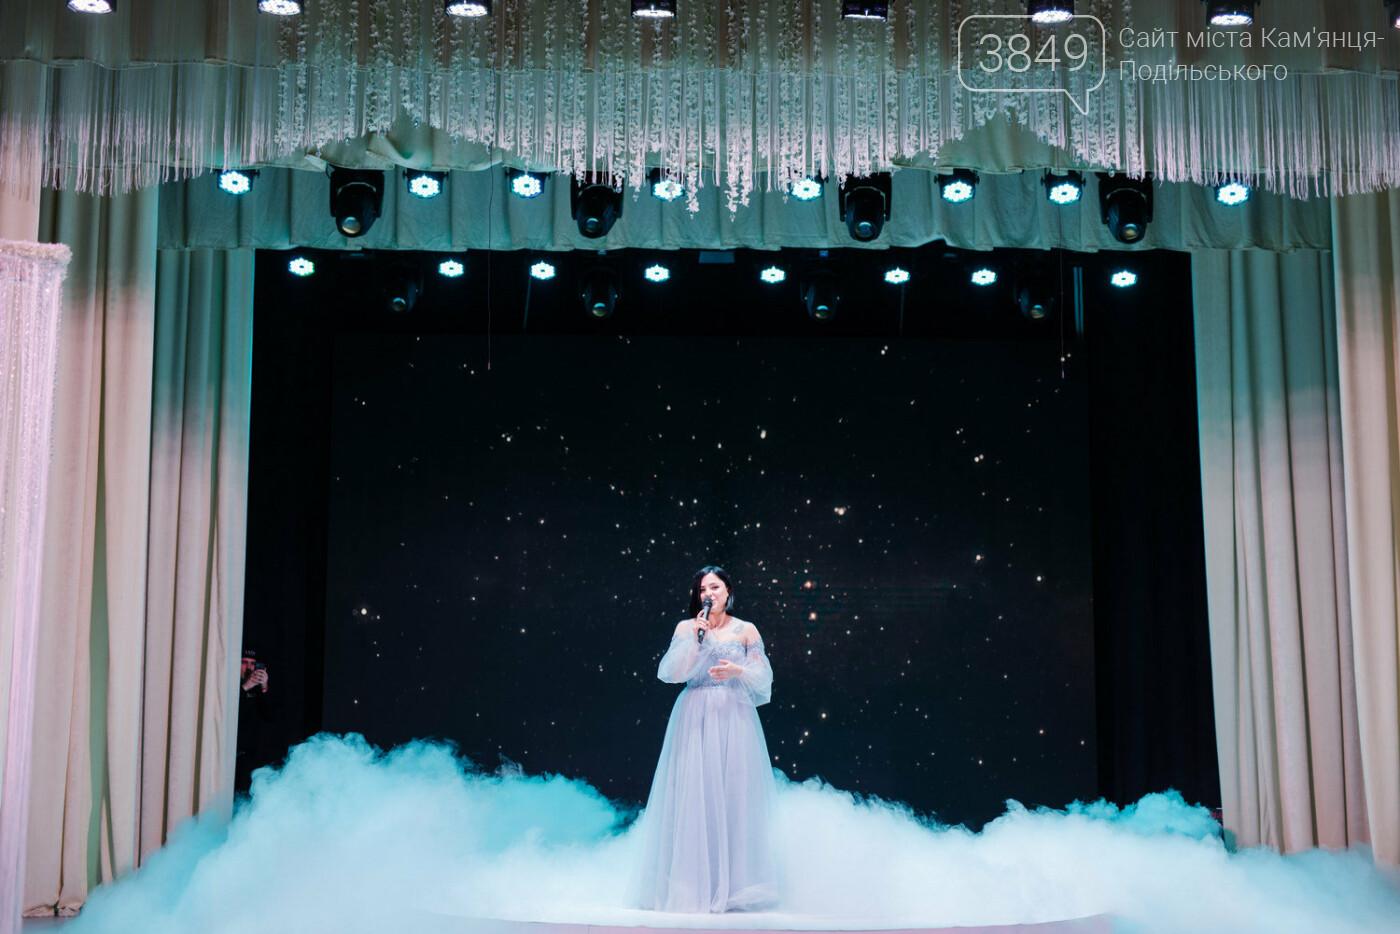 Весна у Кам'янець-Подільський прийшла разом із грандіозною весільною виставкою, фото-7, Фото: Артем Звінко